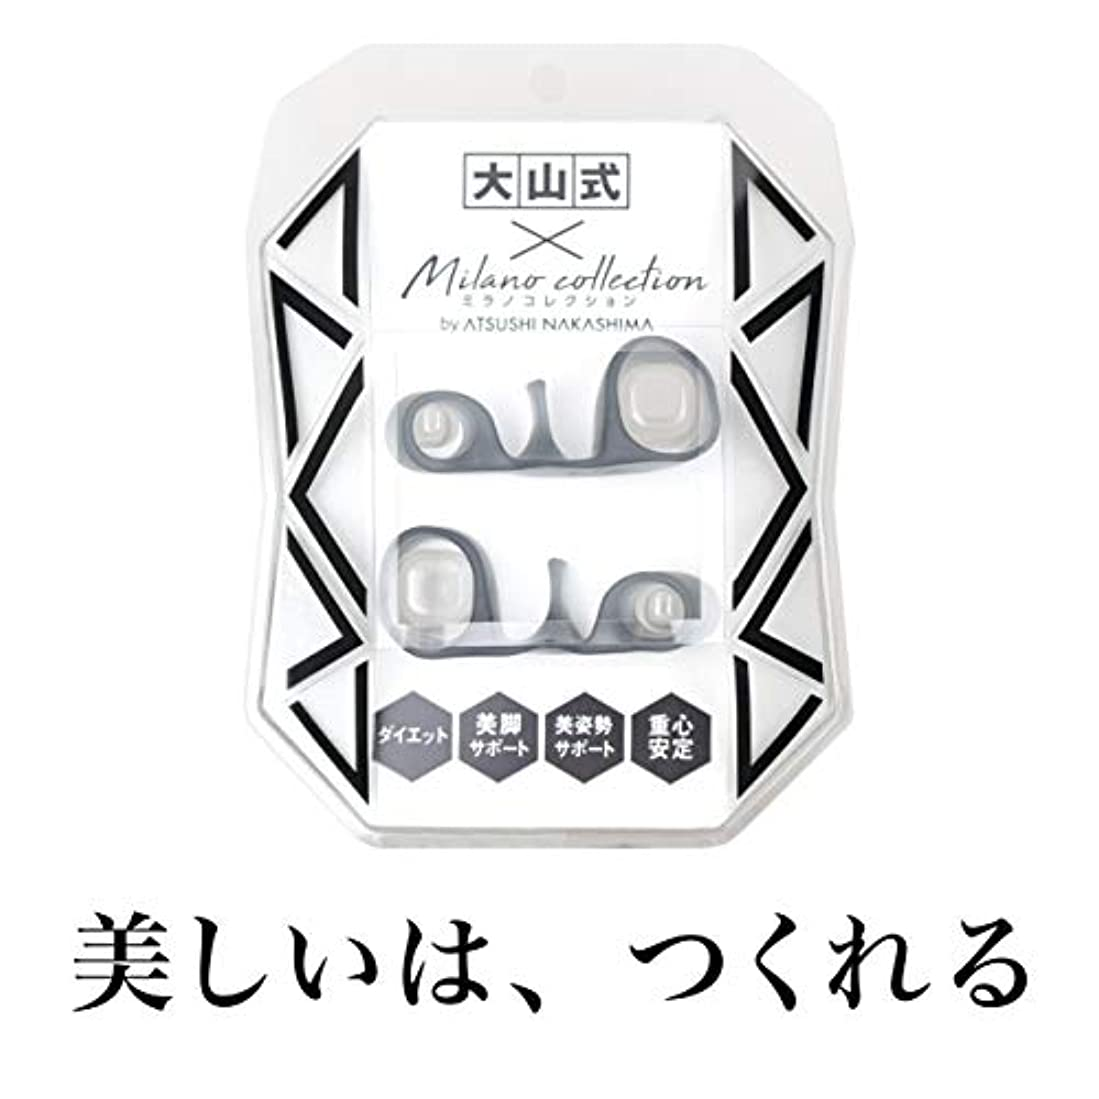 視聴者リングバック効率的大山式 (大山式 ミラノコレクションモデル by ATSUSHI NAKASHIMA)